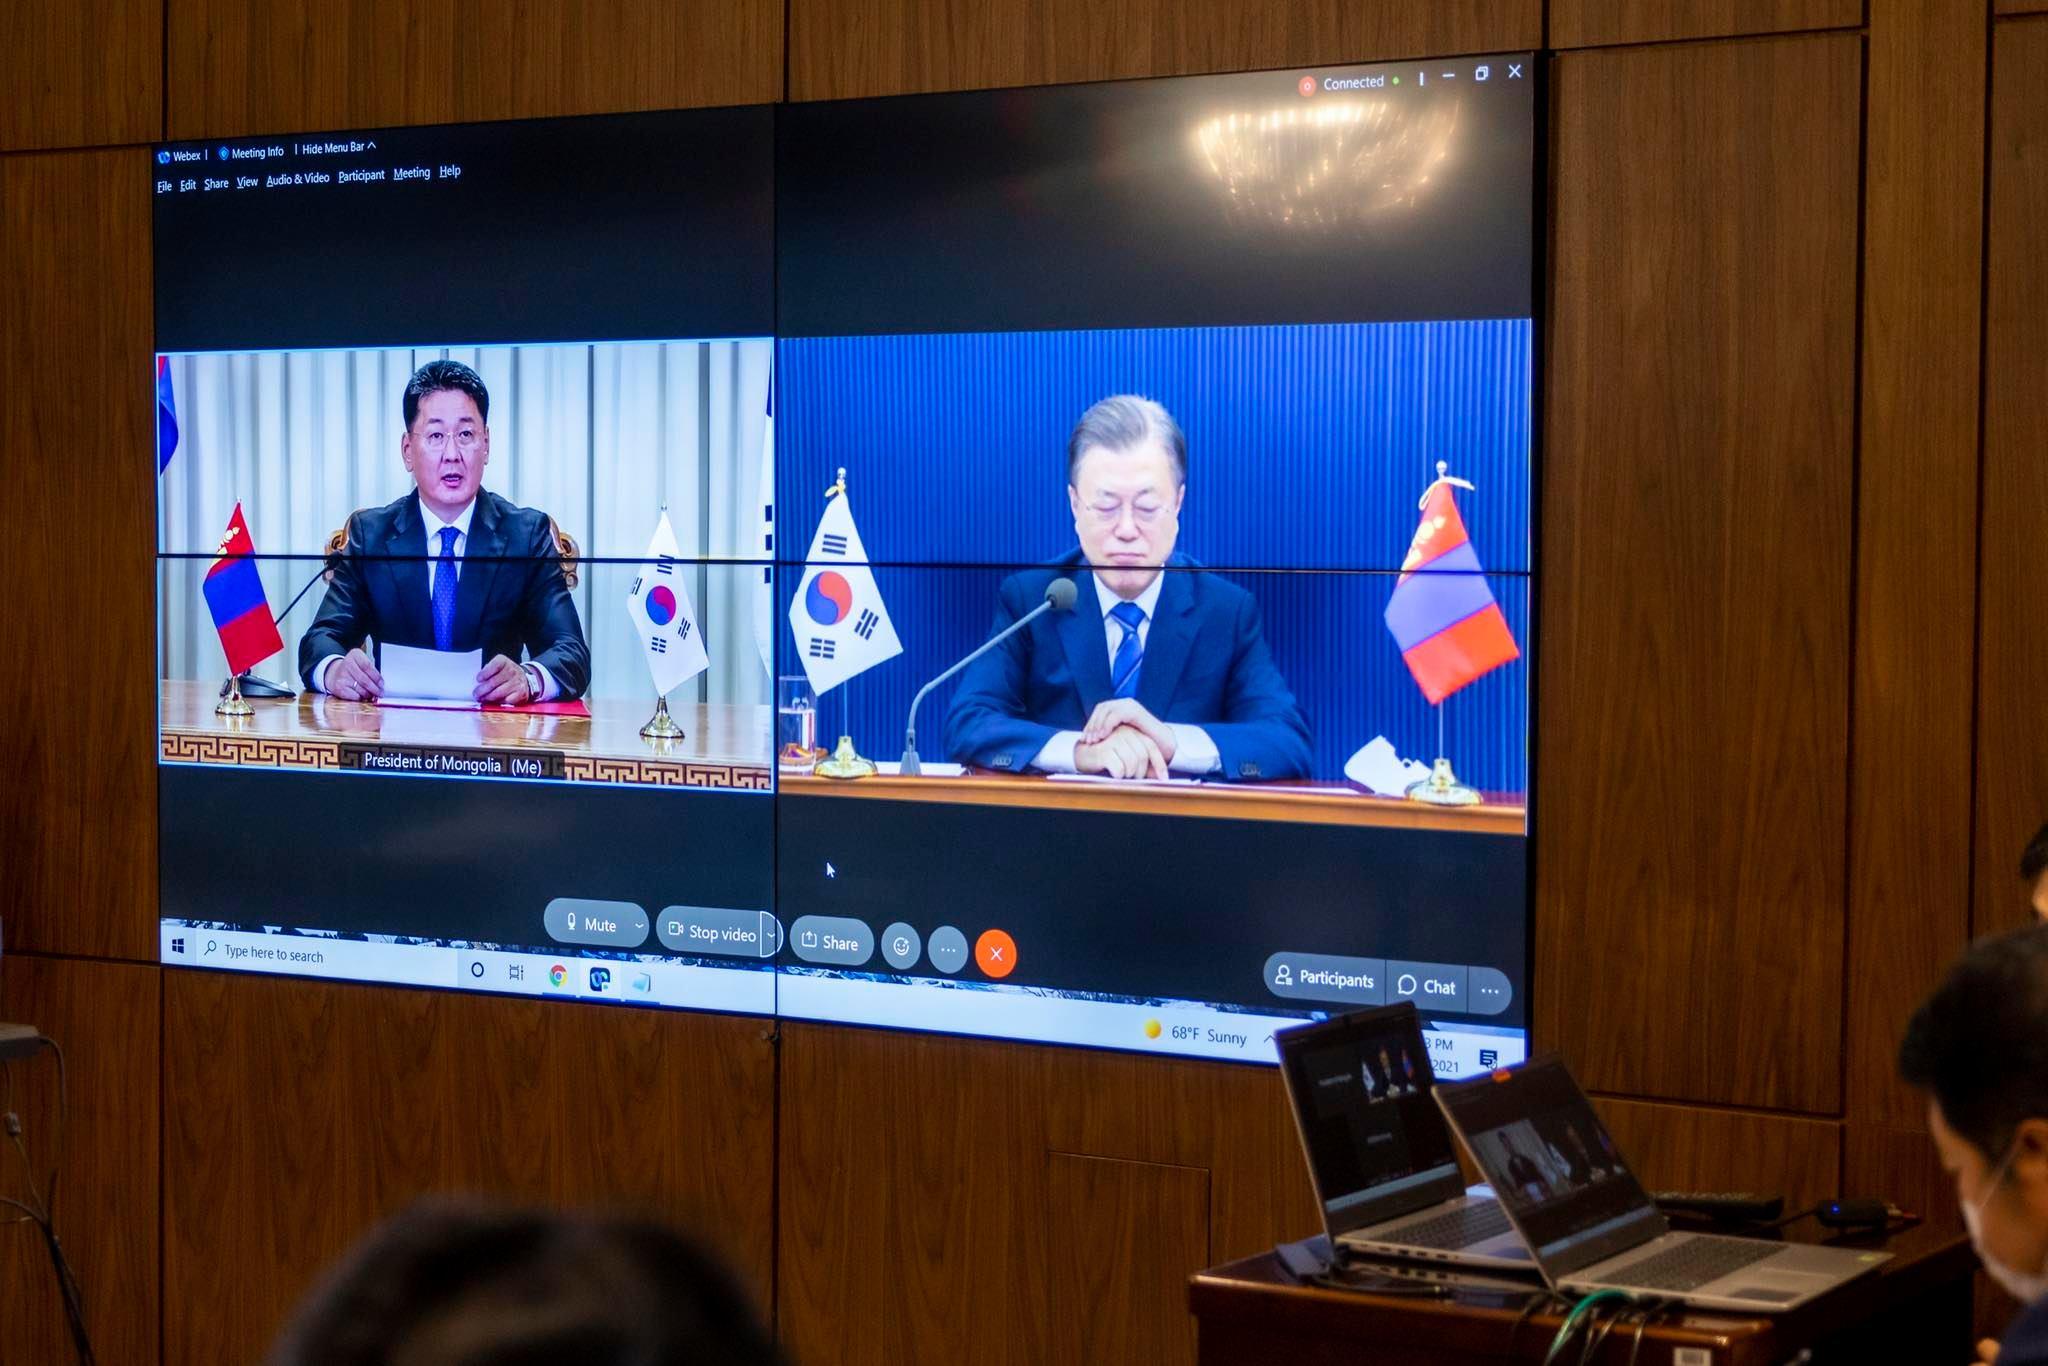 몽골-한국 관계는 전략적 동반자 관계로 격상 합의.jpg